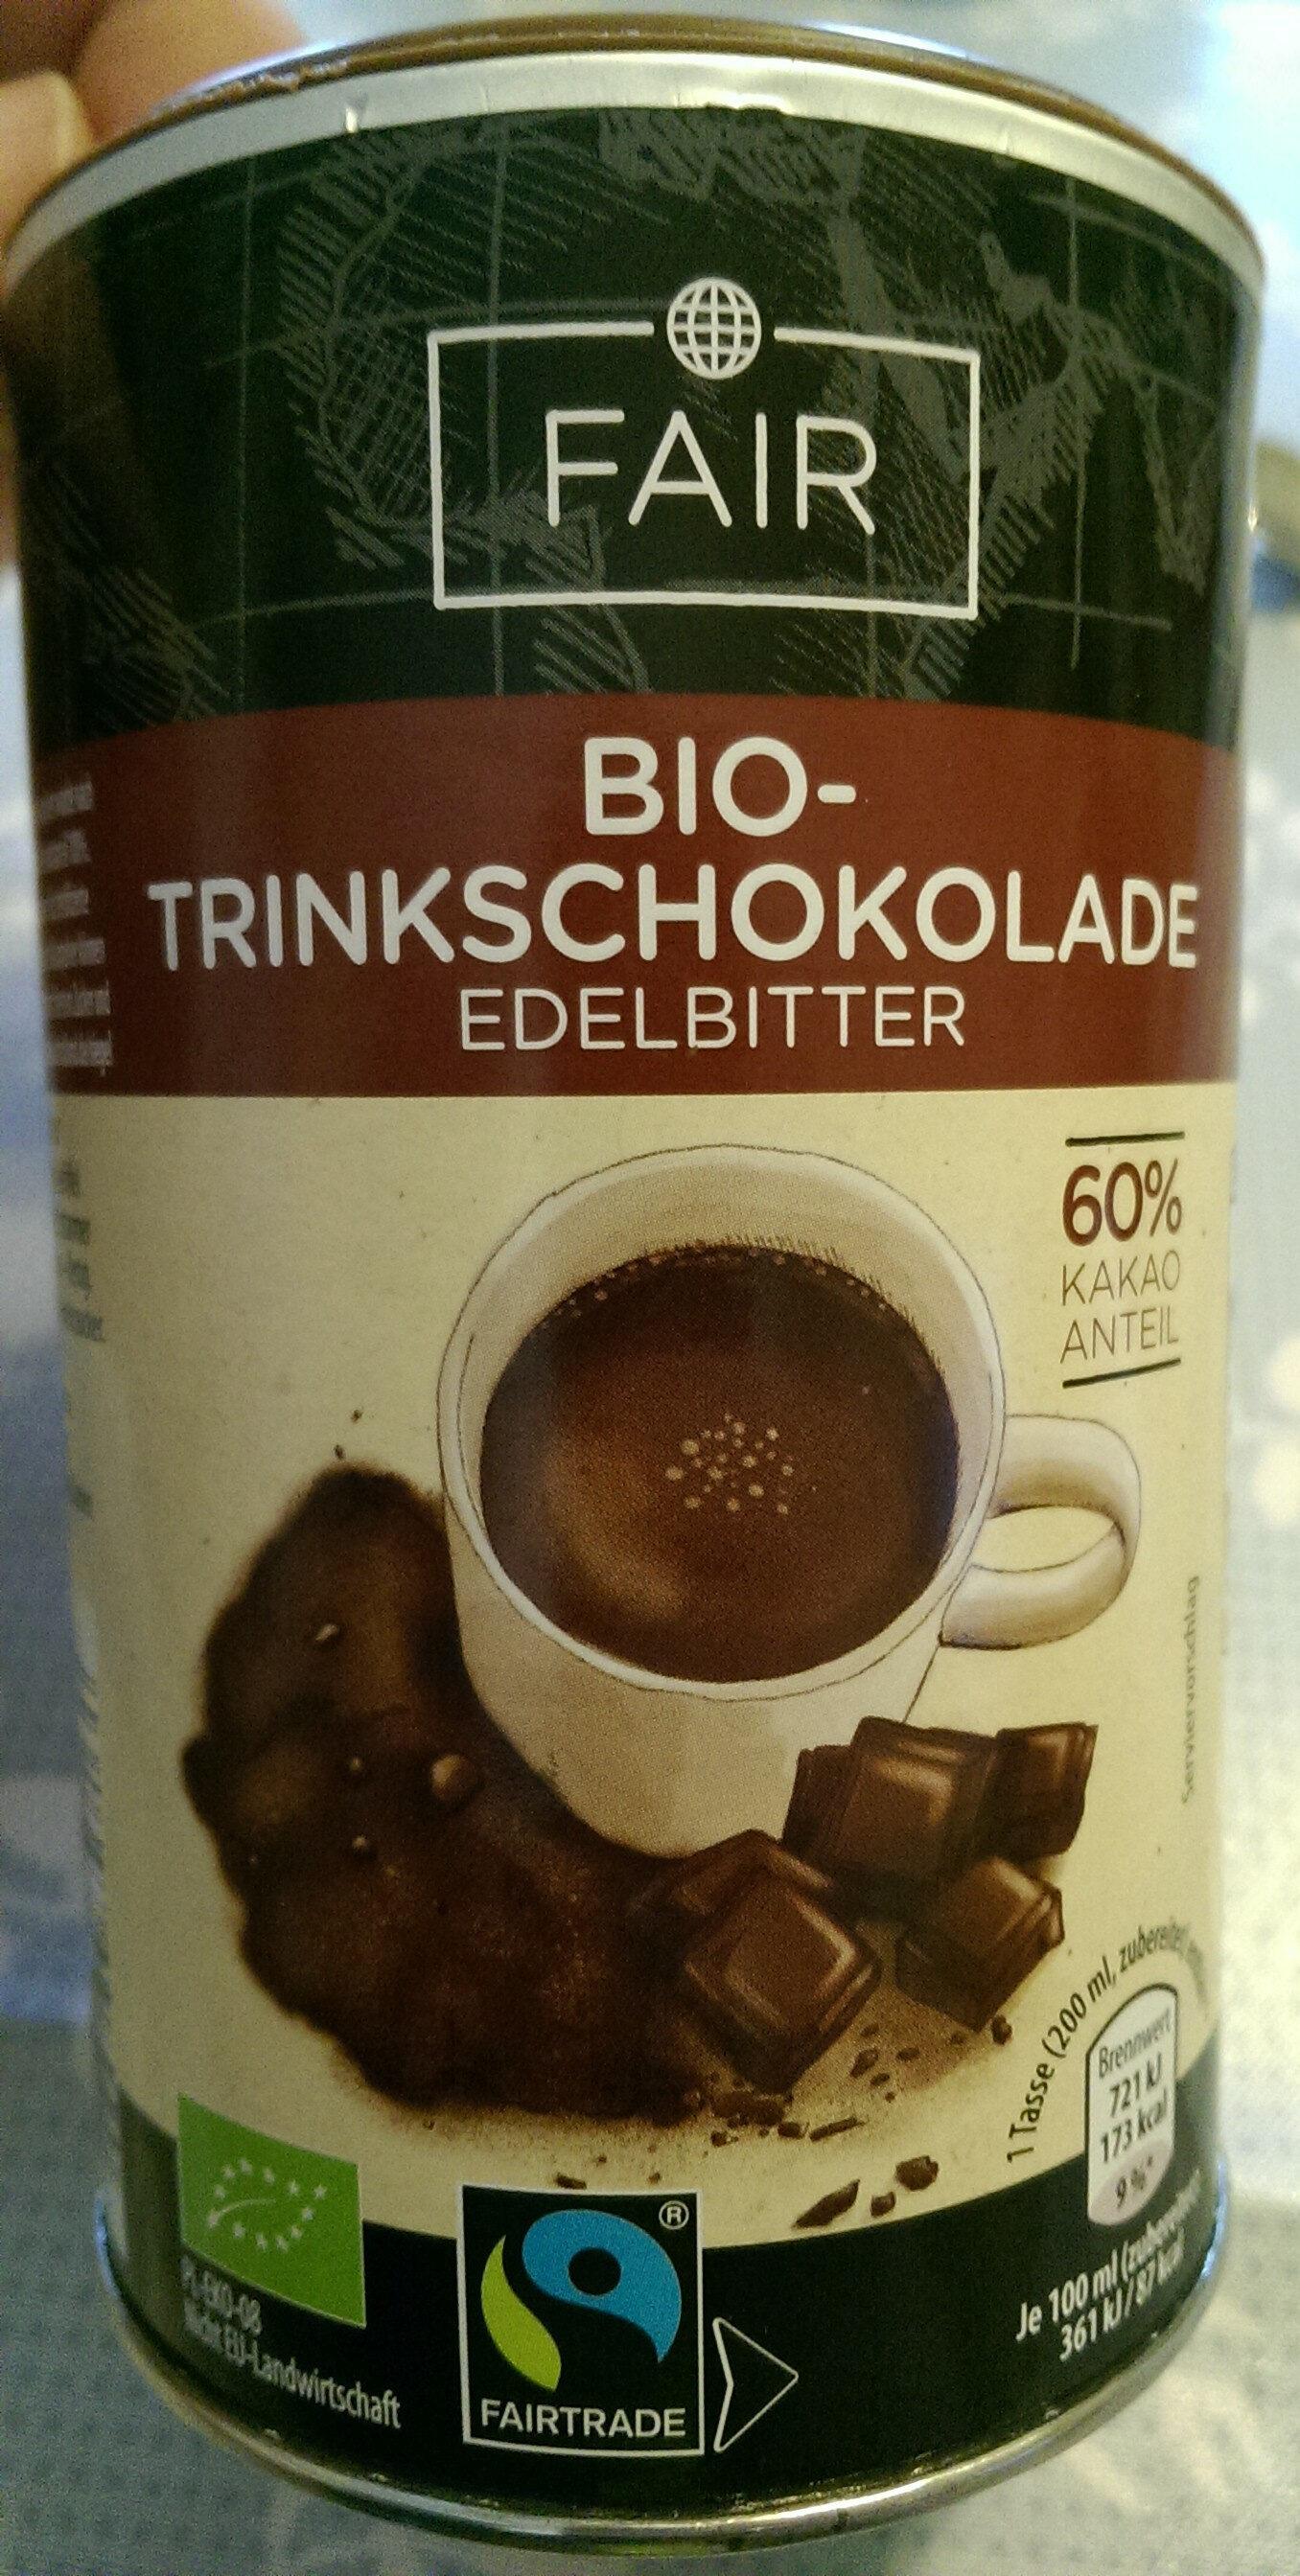 Bio-Trinkschokolade - Produkt - de